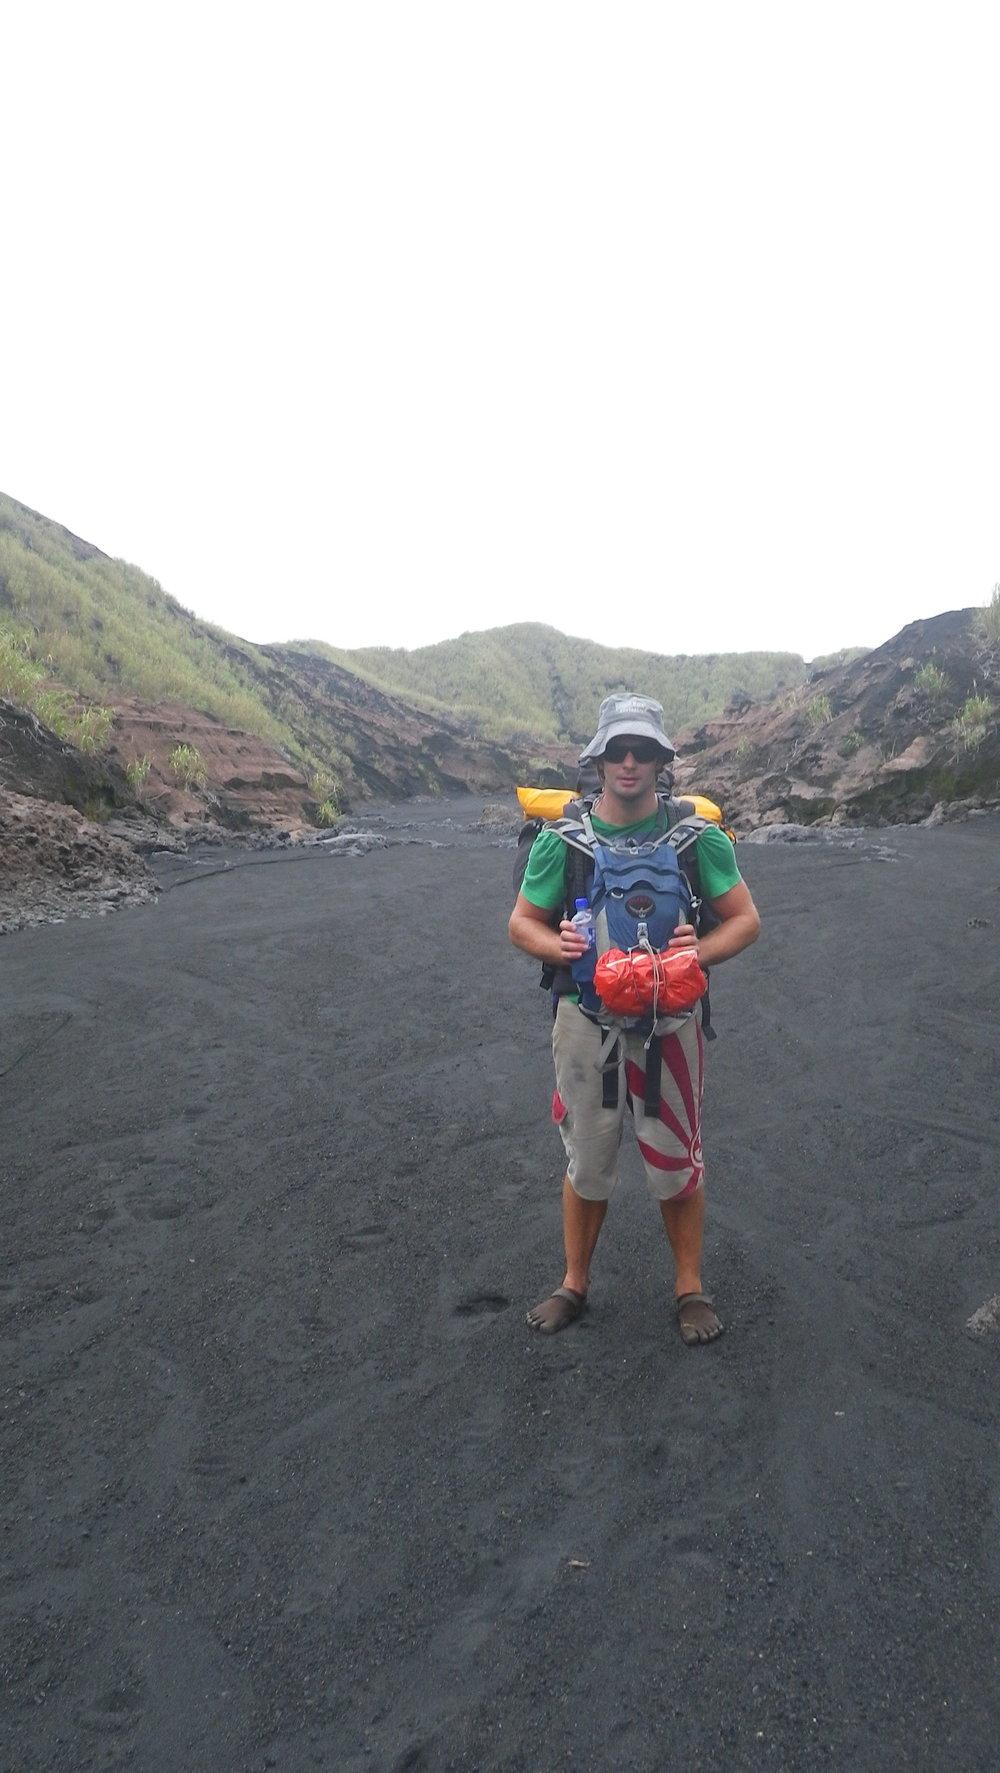 Äventyr på den vulkaniska ön Ambrym i Vanuatu. På kvällen samma dag upplevde jag mitt första jordskalv liggandes på ett liggunderlag.